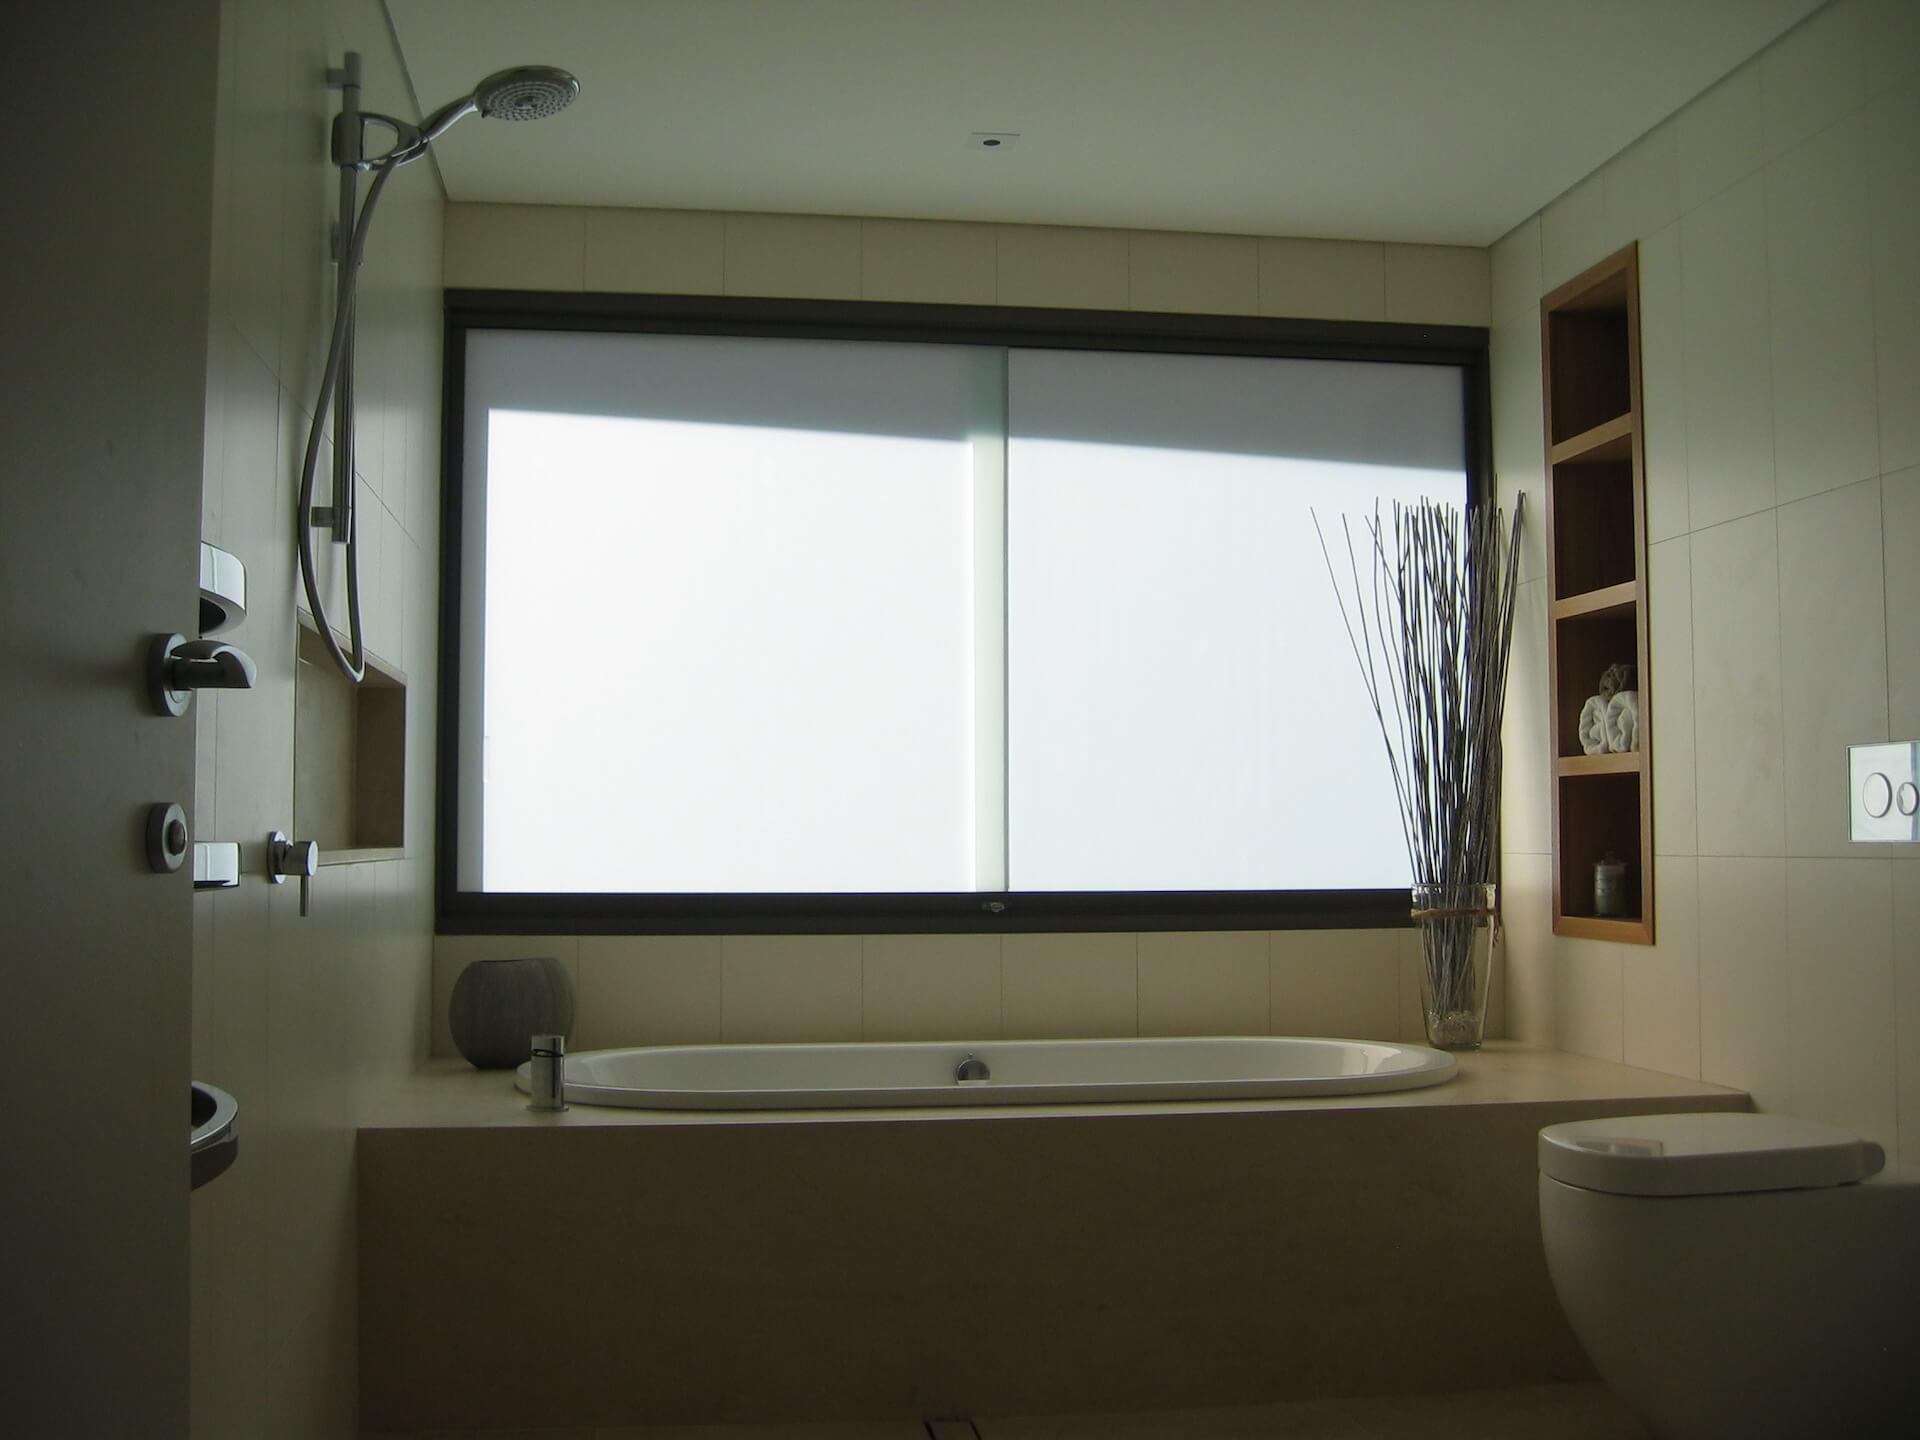 17. Rumpus bathroom